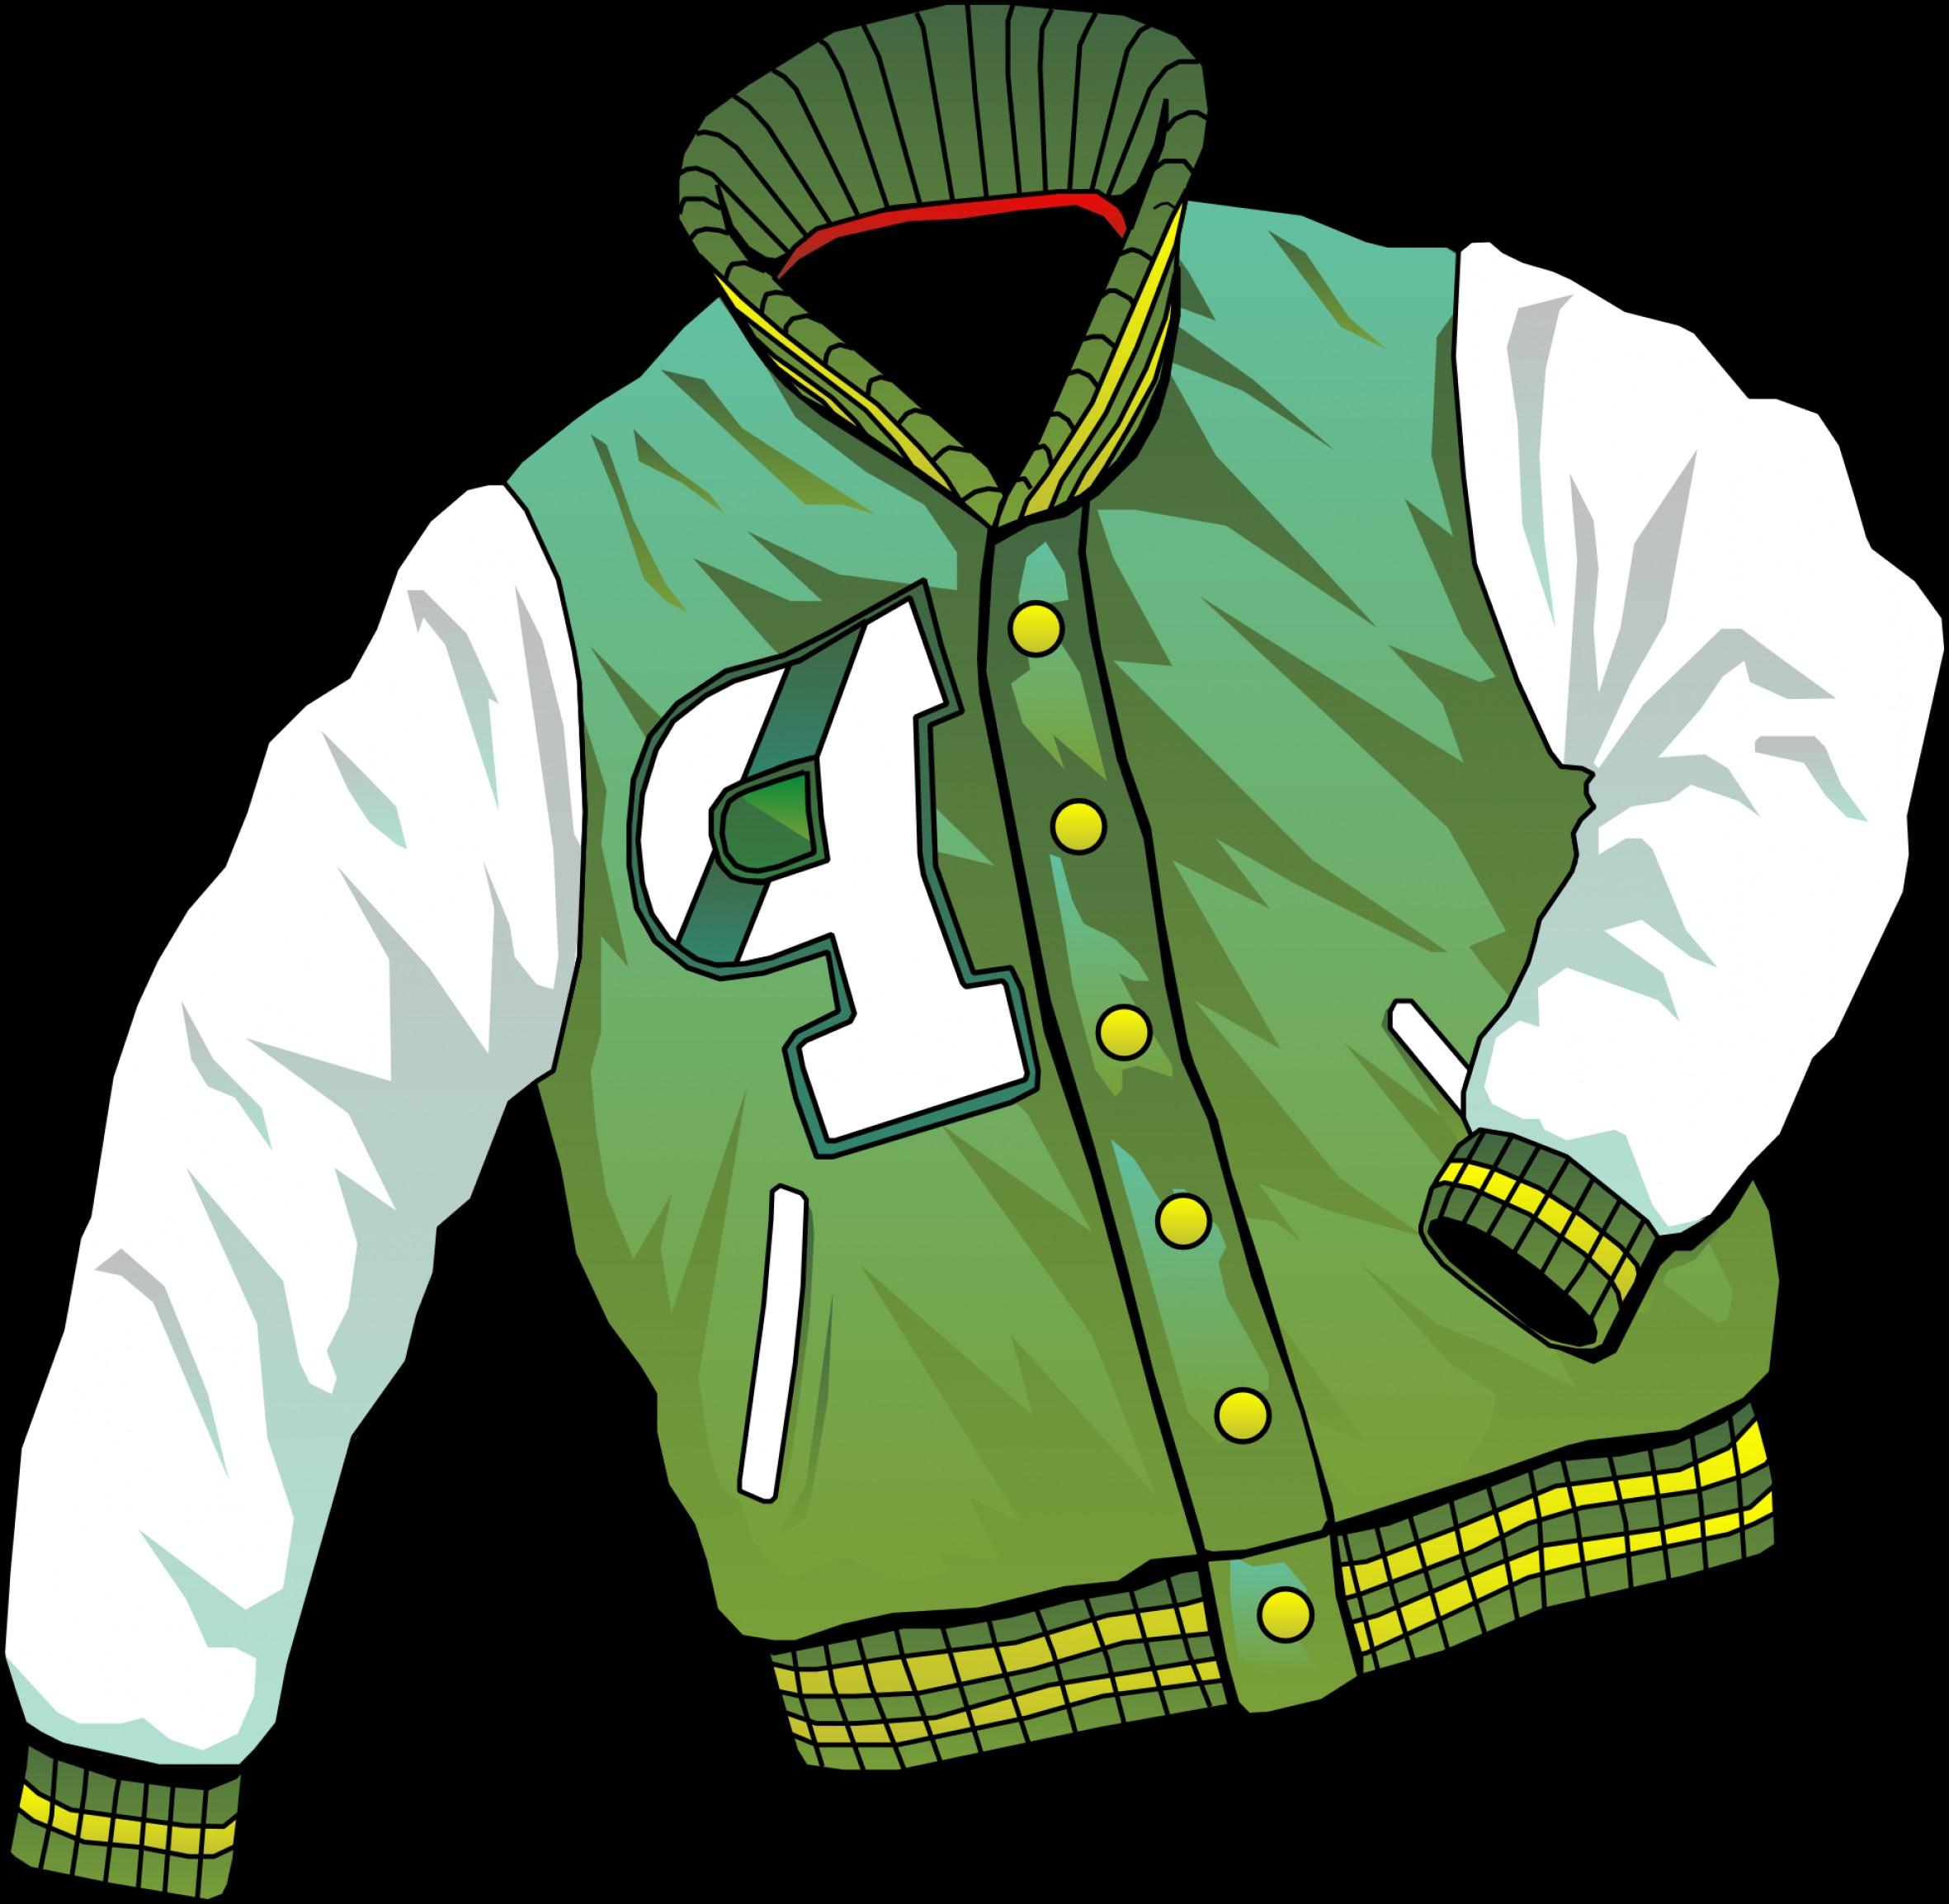 Coat clipart put Put On jacket Put on